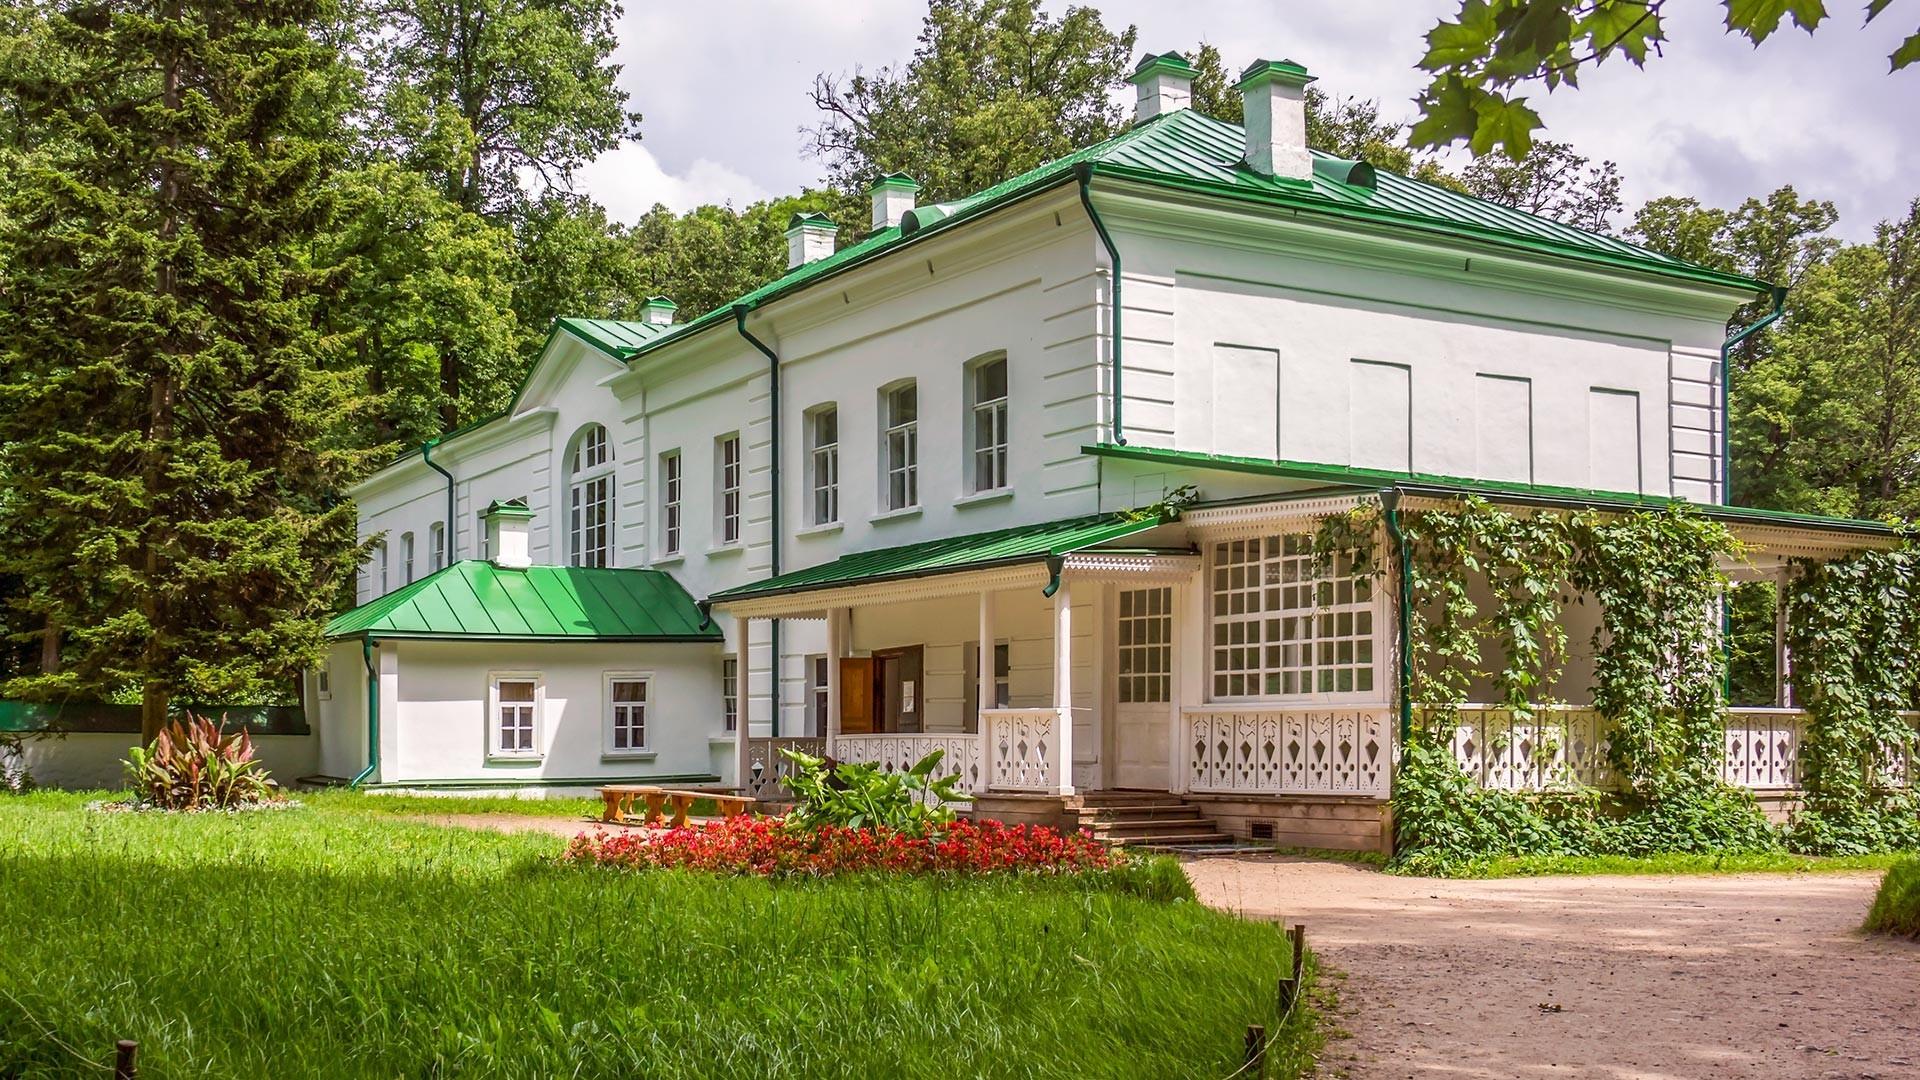 Dvorec v Jasni Poljani